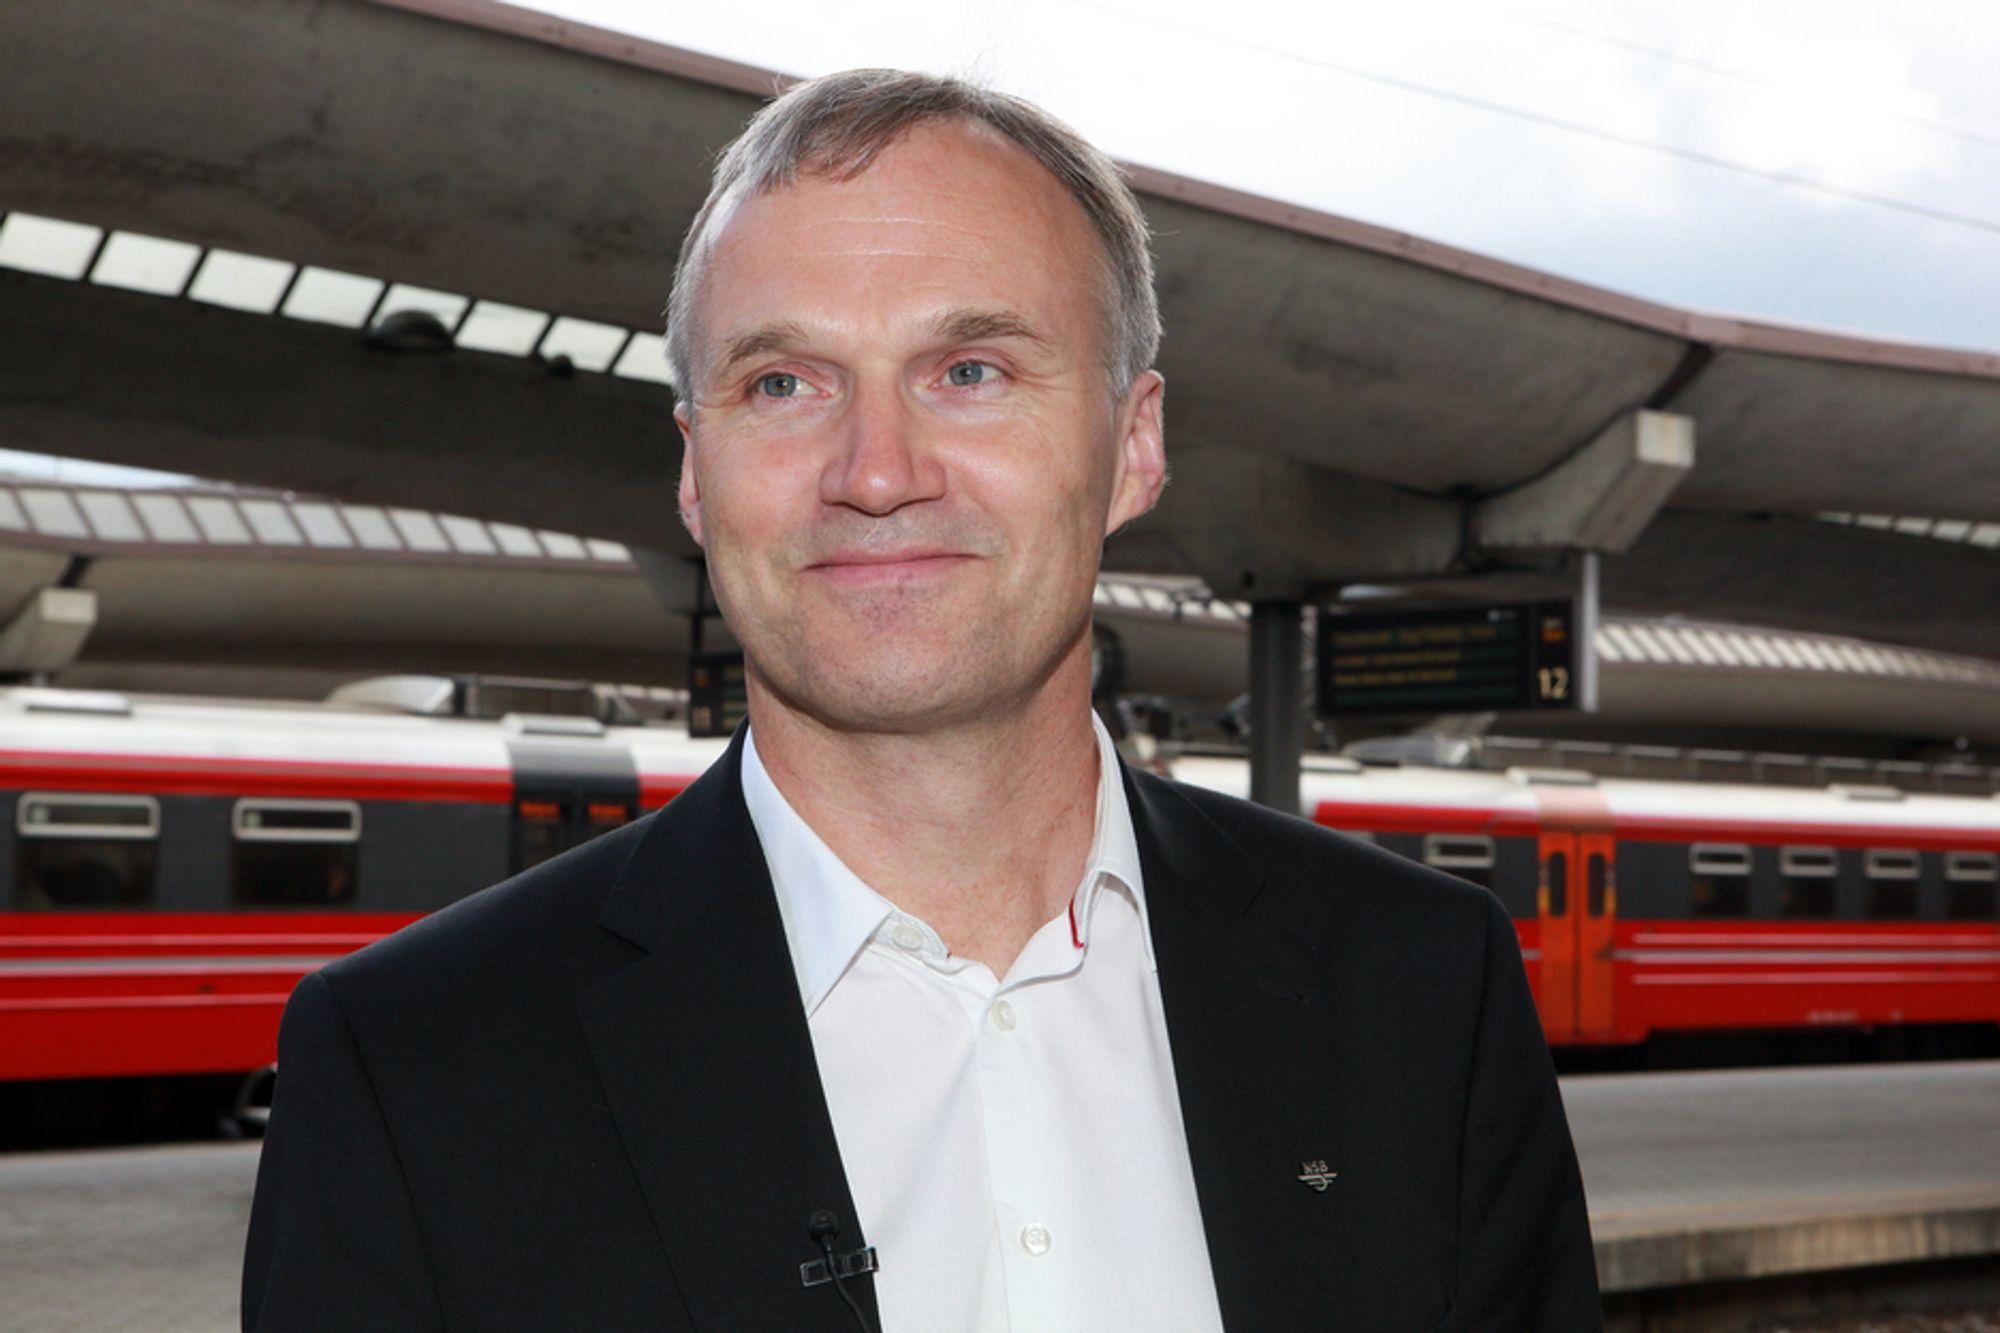 NYE UTFORDRINGER: Geir Isaksen vil nok møte mange flere kritiske spørsmål fra journalister når han starter som konsernsjef i NSB enn de han fikk da han ble presentert for pressen på Oslo S i dag.